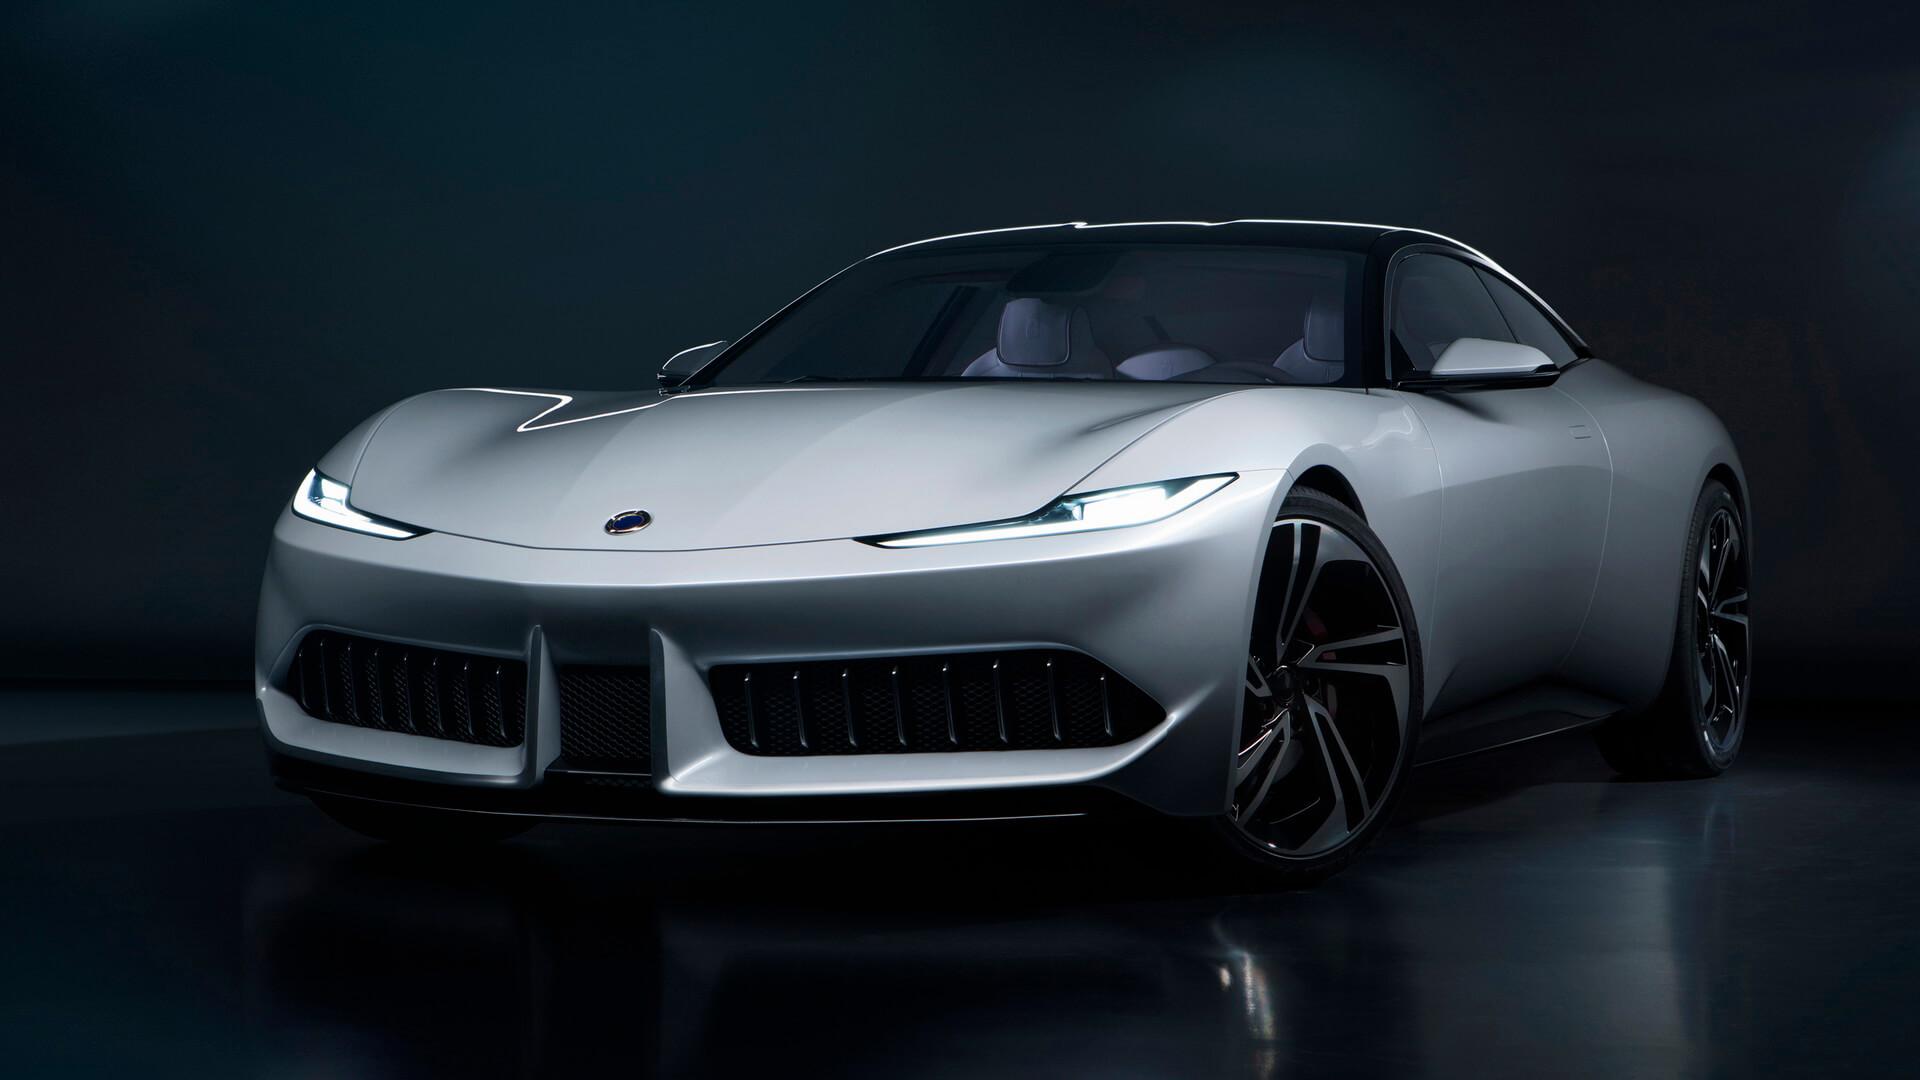 Karma Pininfarina GT: результат первого сотрудничества между Karma и итальянским дизайнерским домом Pininfarina